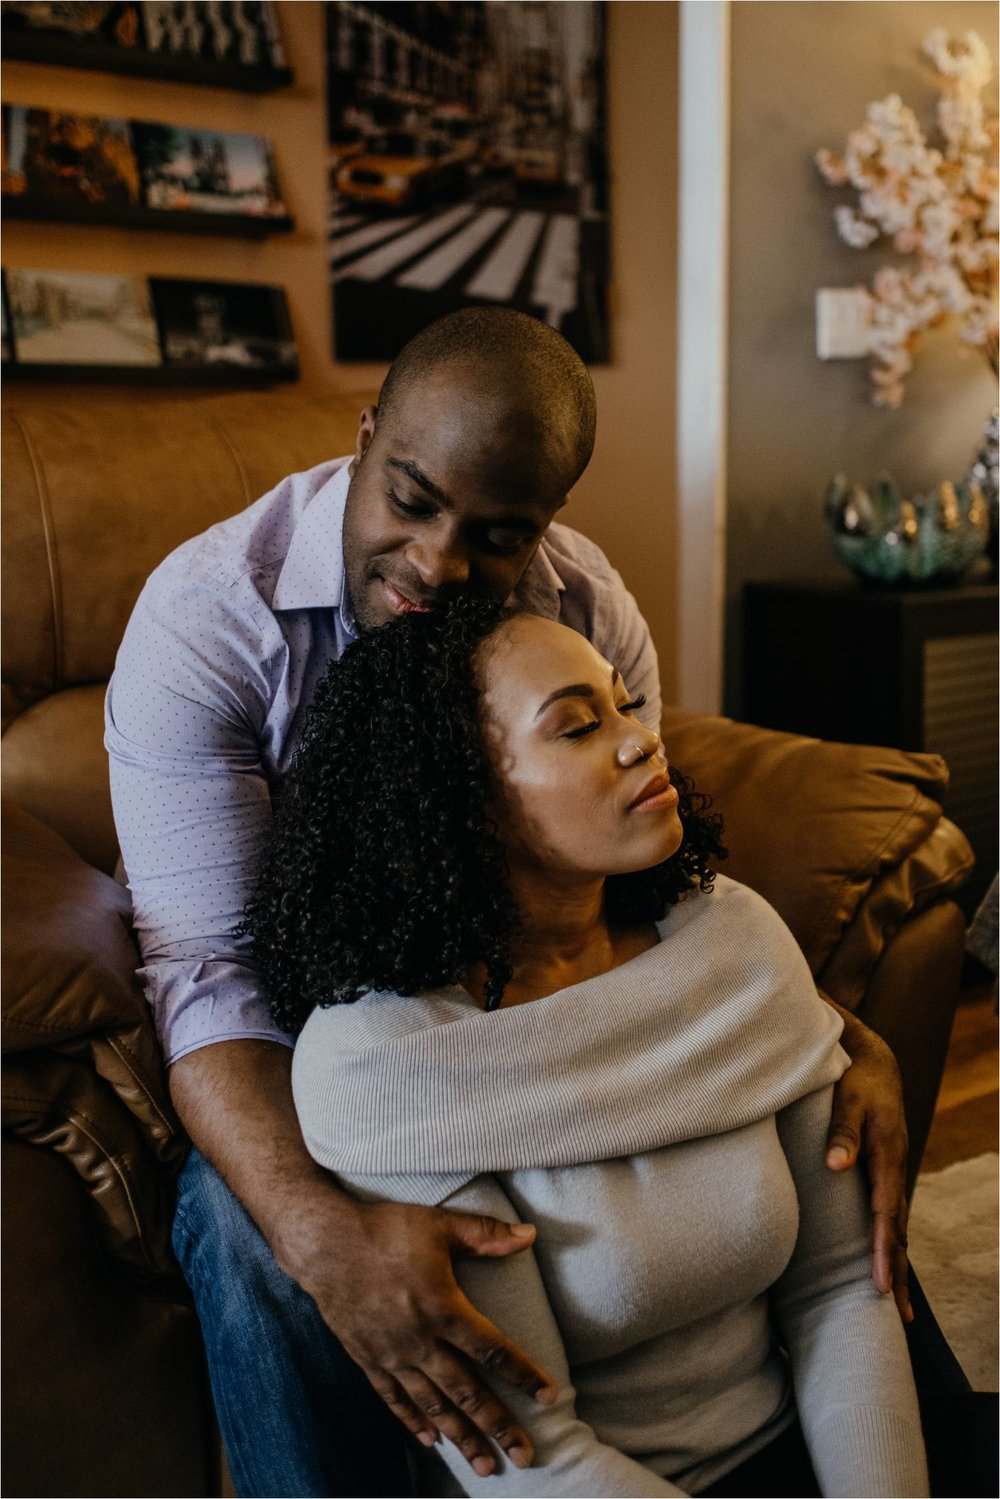 brooklyn engagement session - brooklyn engagement photographer - at home engagement photos - brooklyn engagement photos